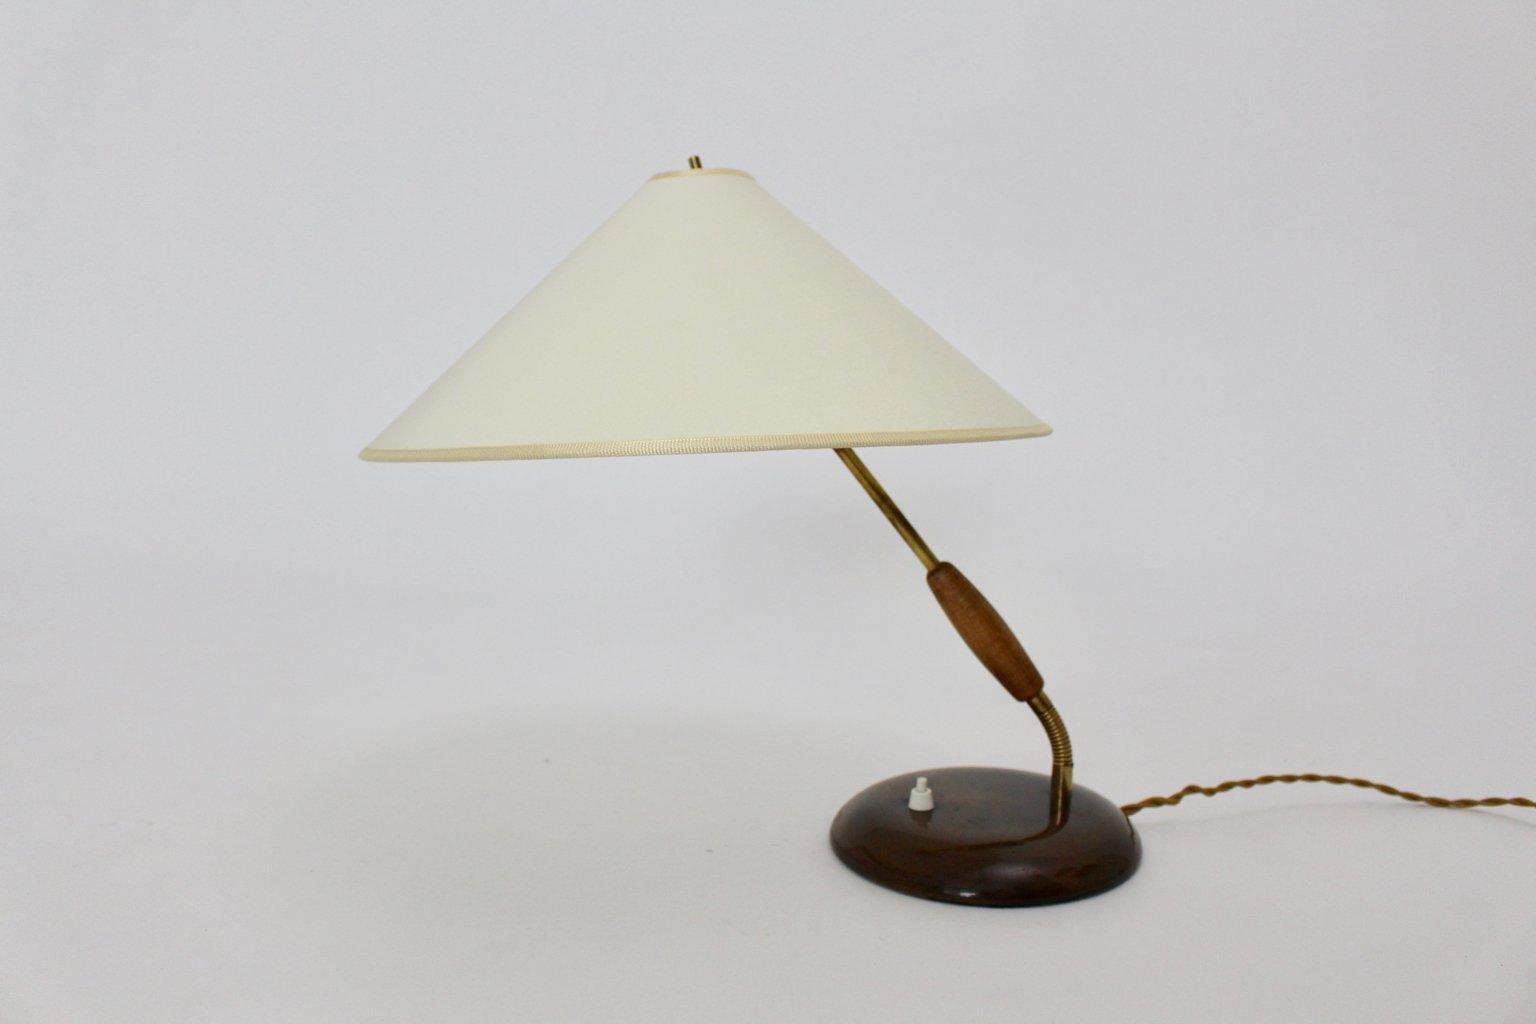 Italienische Messing und Holz Tischlampe, 1940er